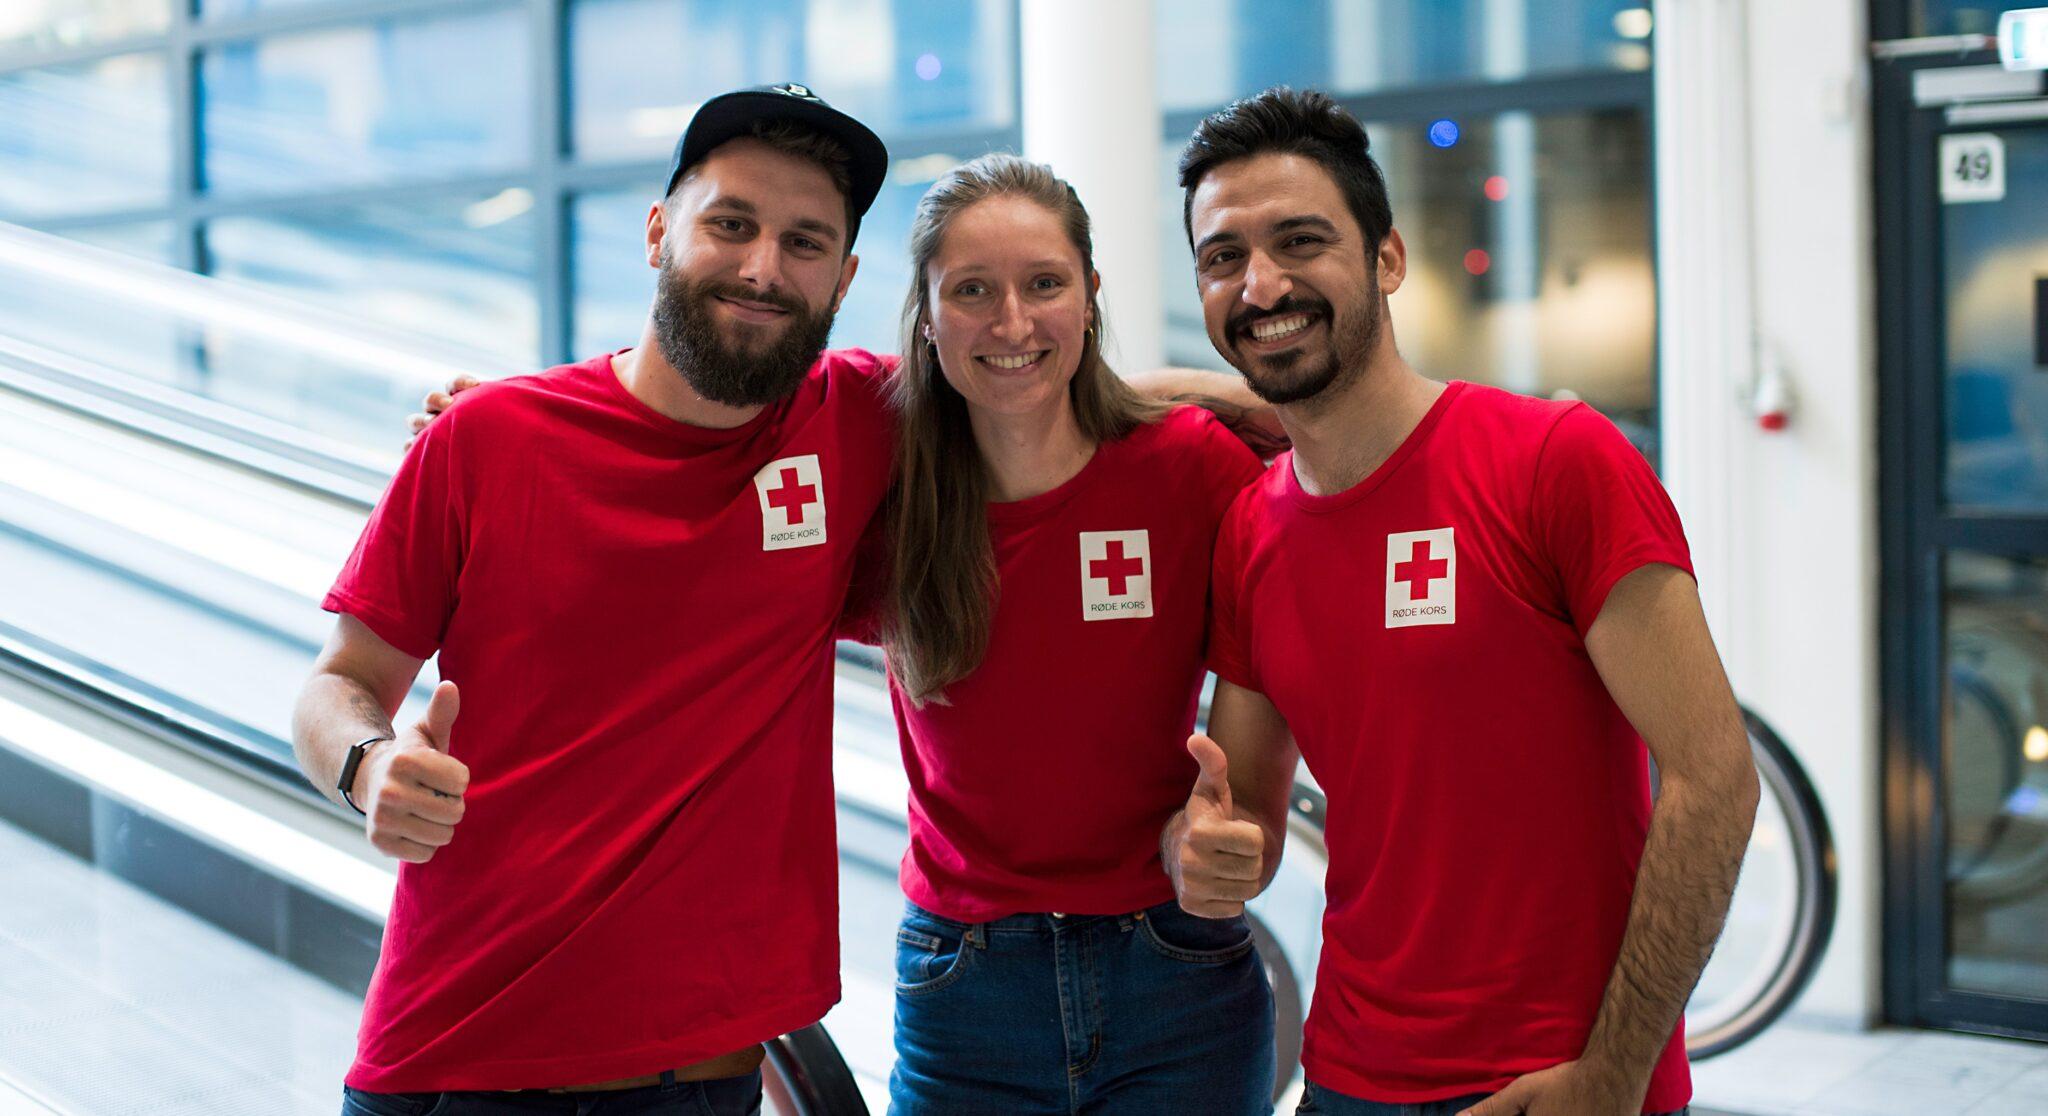 Frivillig i København, frivilligt arbejde i København